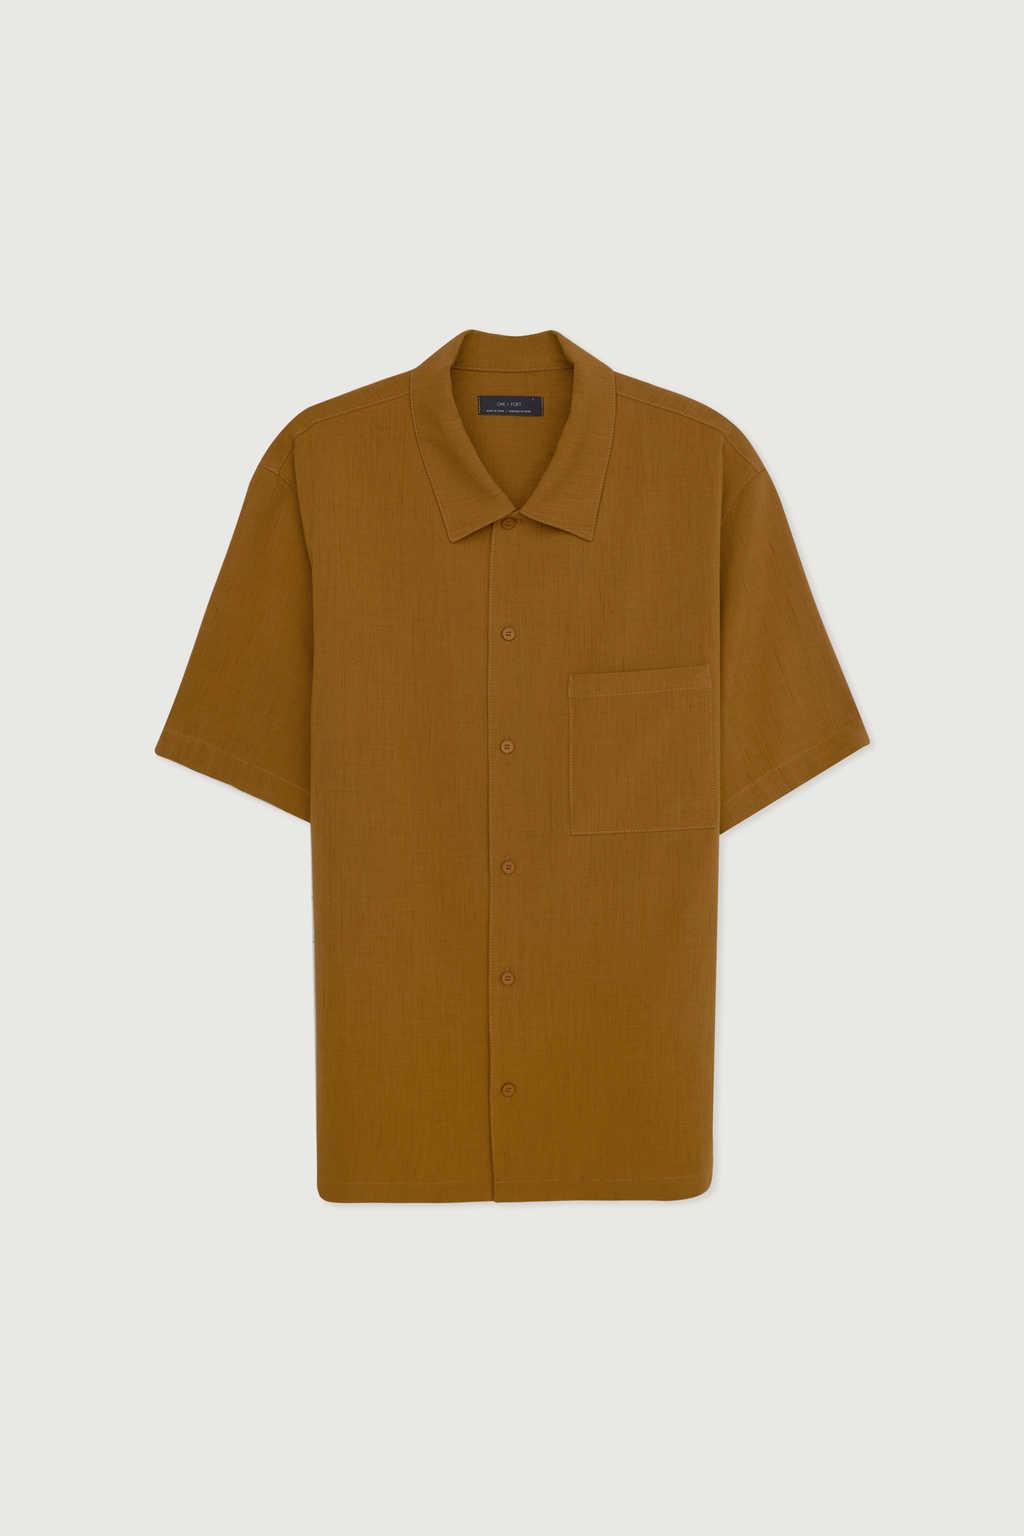 Shirt 3139 Camel 6